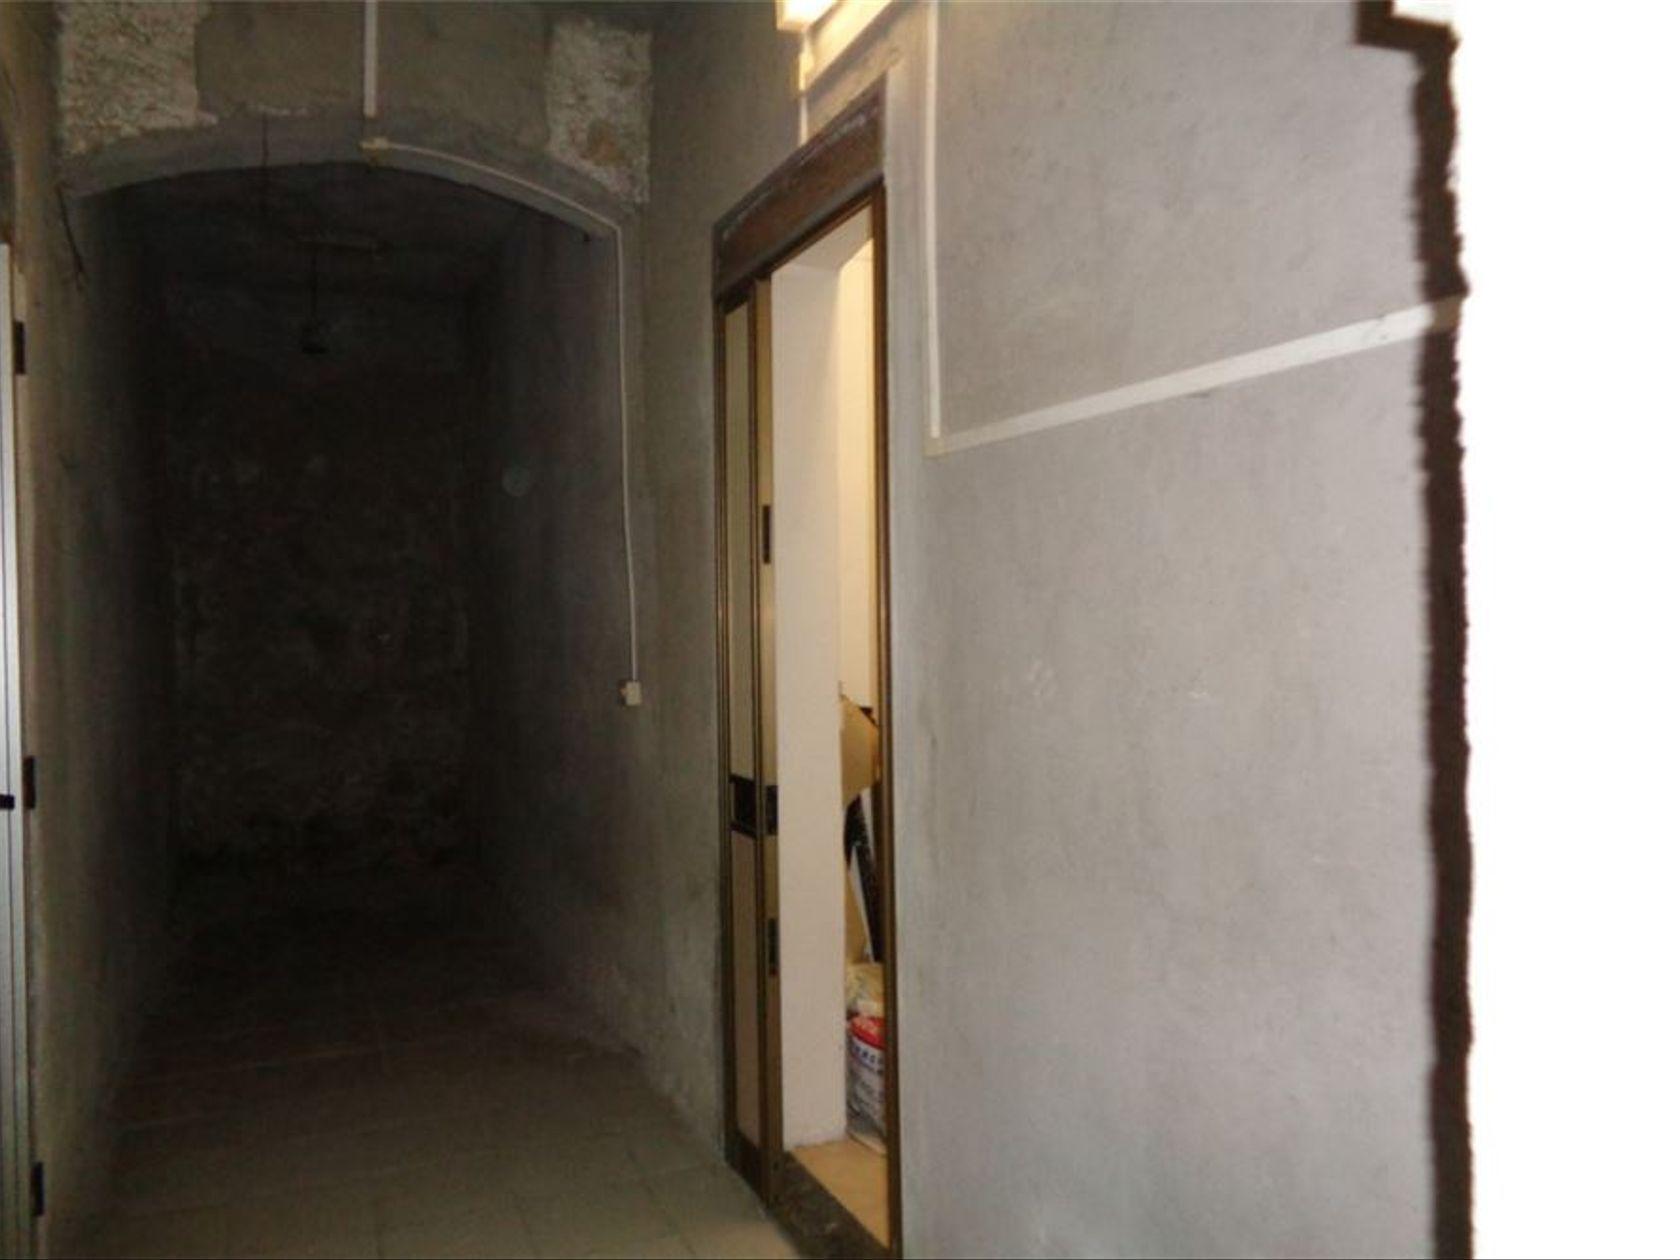 Appartamento Zona stazione, Aversa, CE Vendita - Foto 15